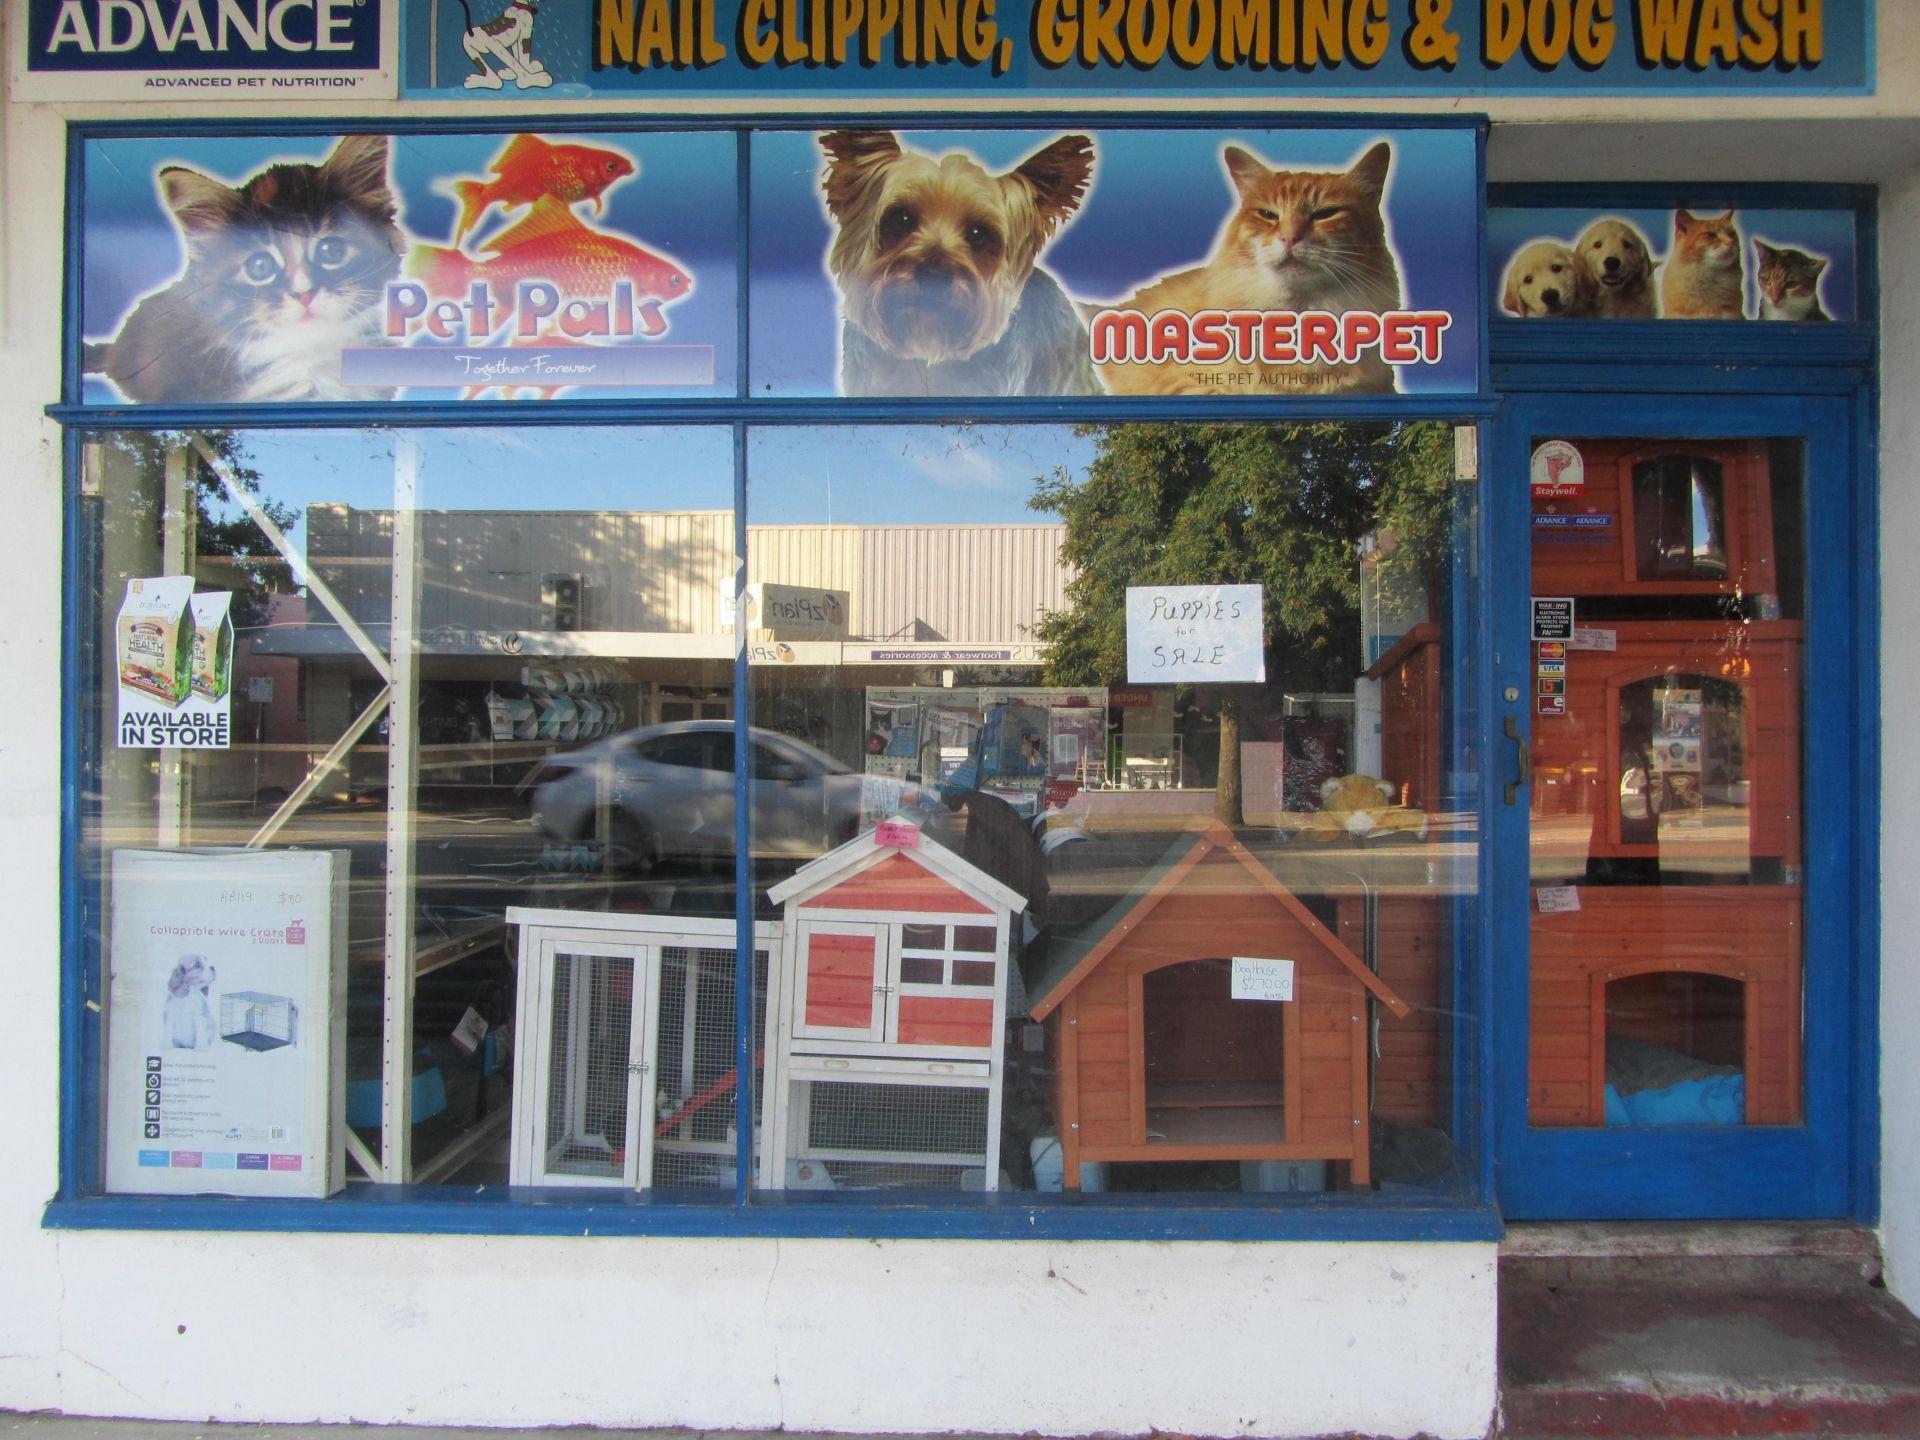 $18,000 Nett Return.  2 shops on One Title in Main Street Location